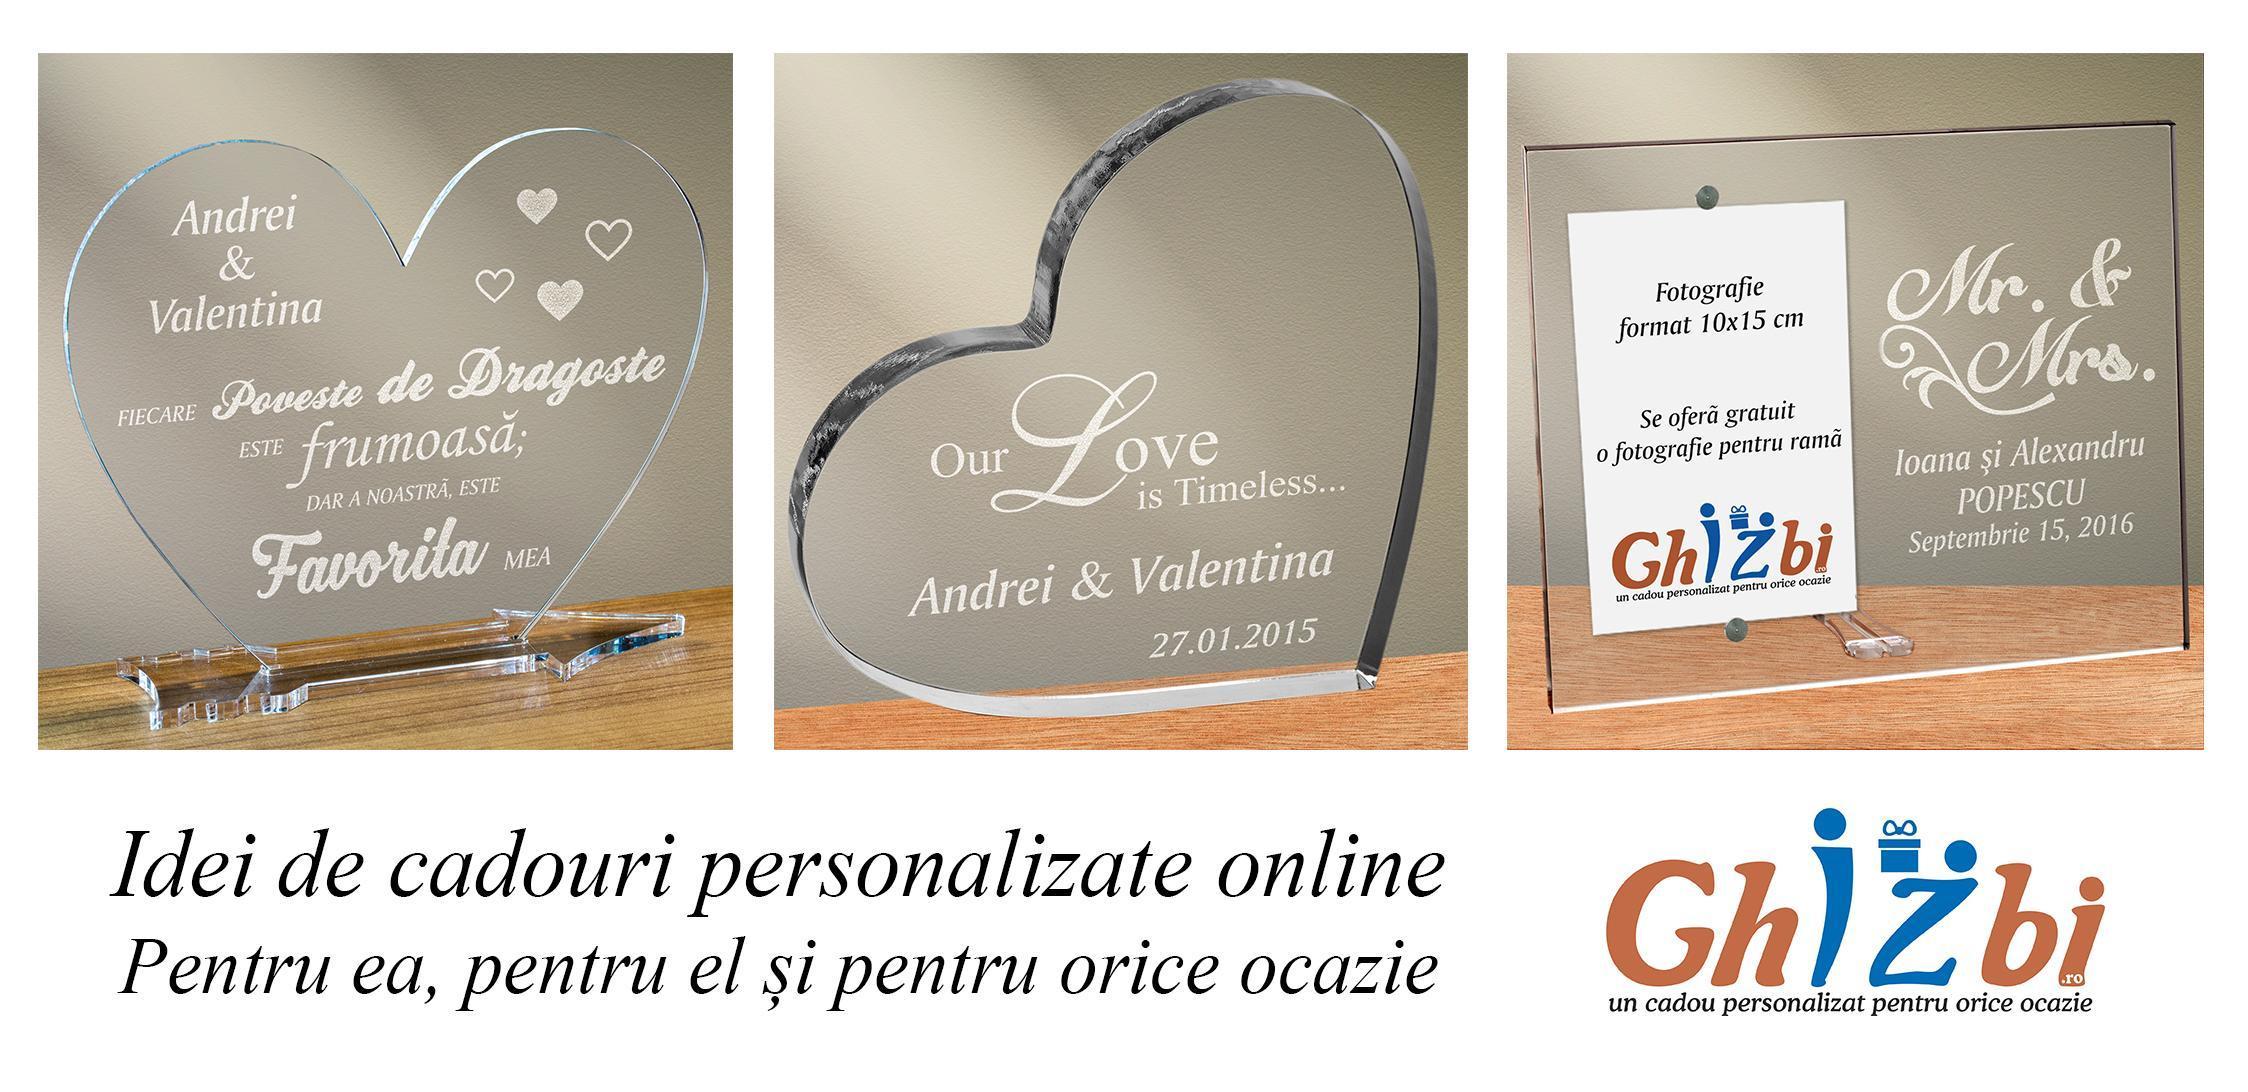 Idei de cadouri personalizate online - Pentru ea, pentru el și pentru orice ocazie